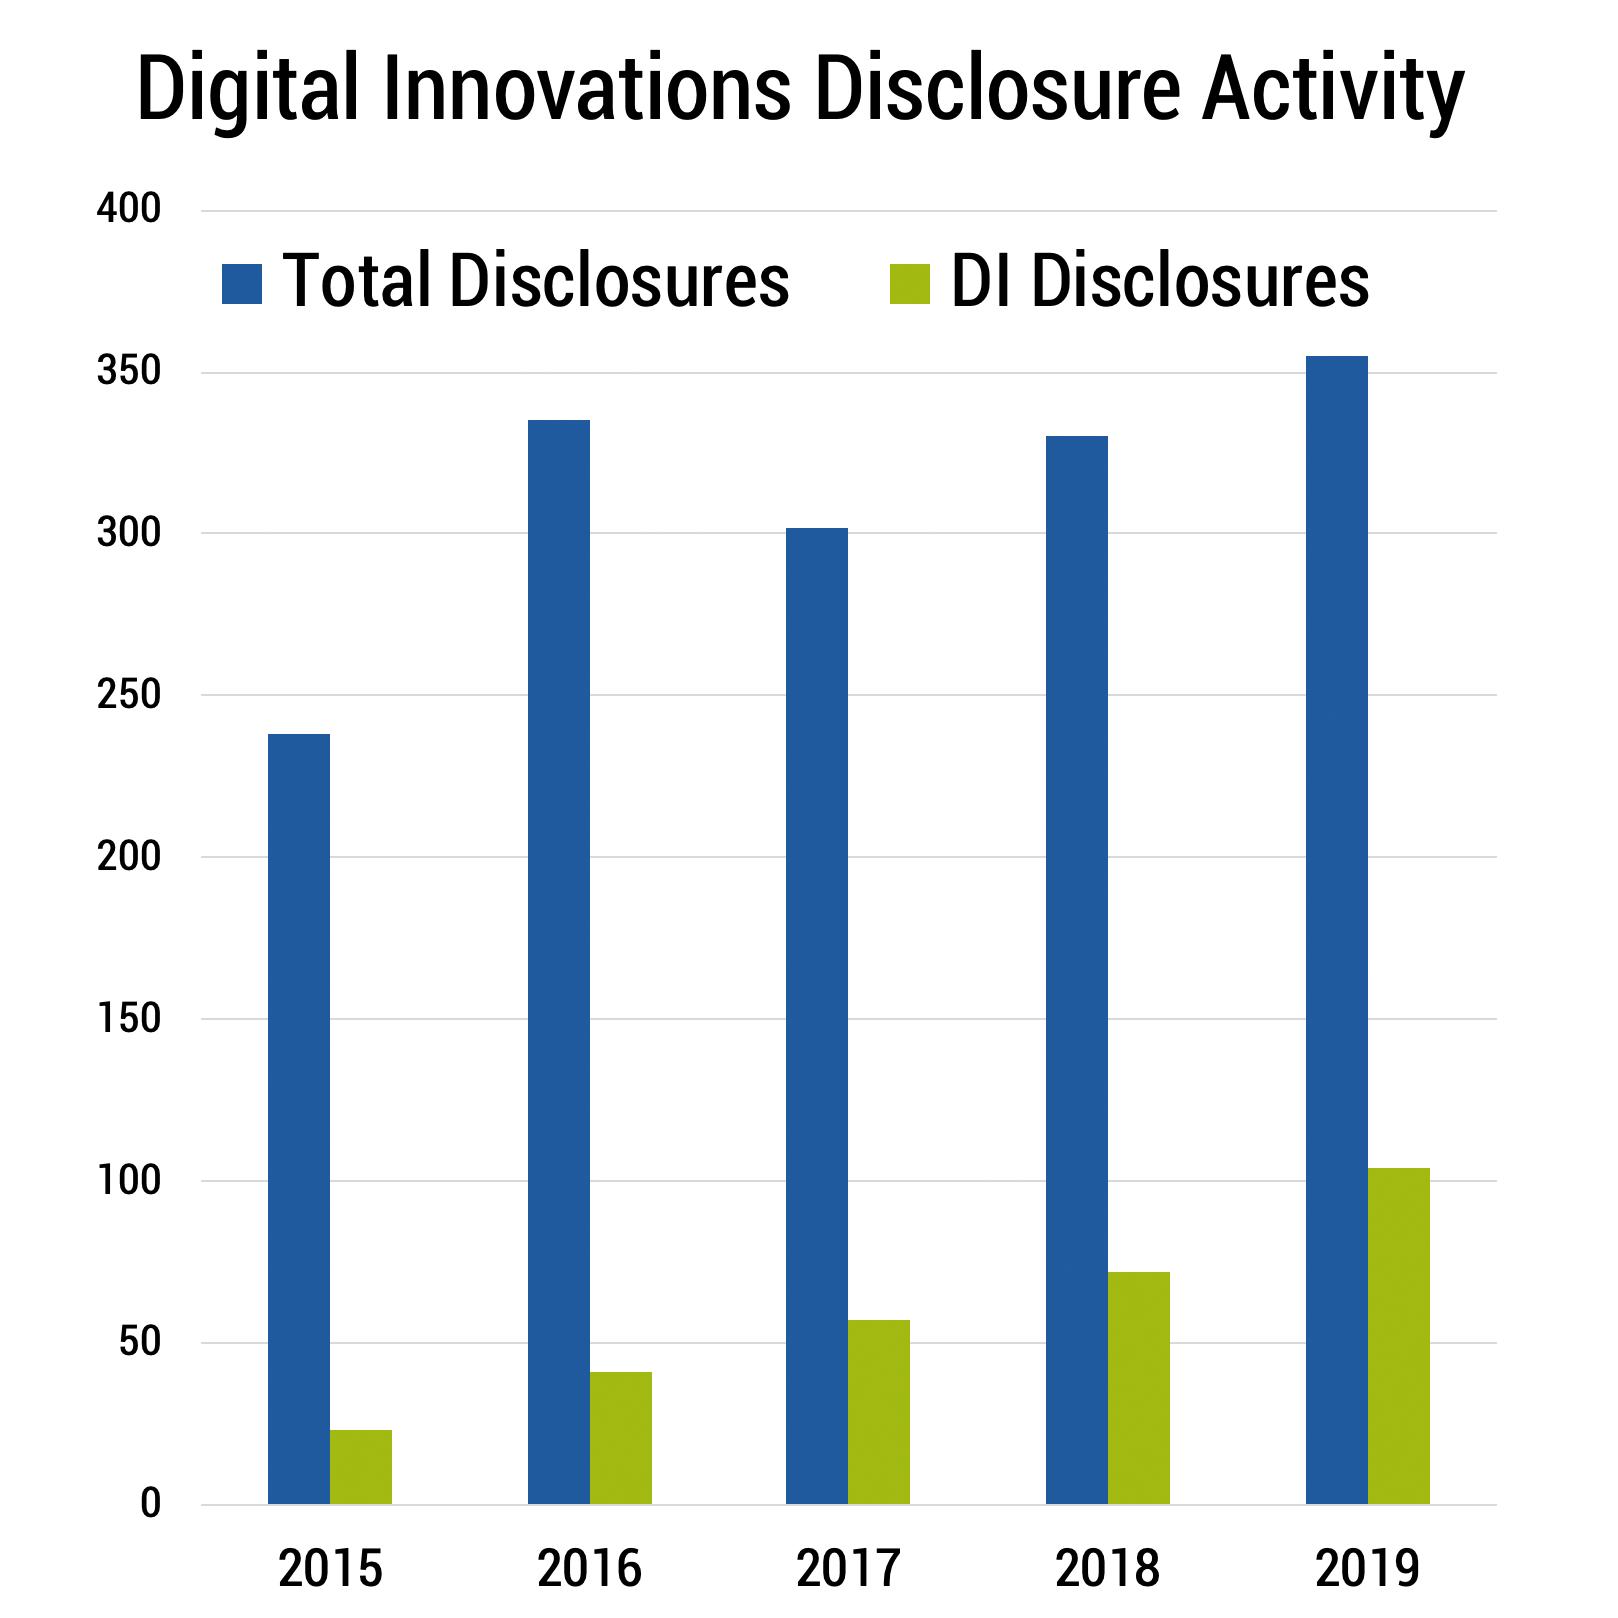 DI Disclosure Activity